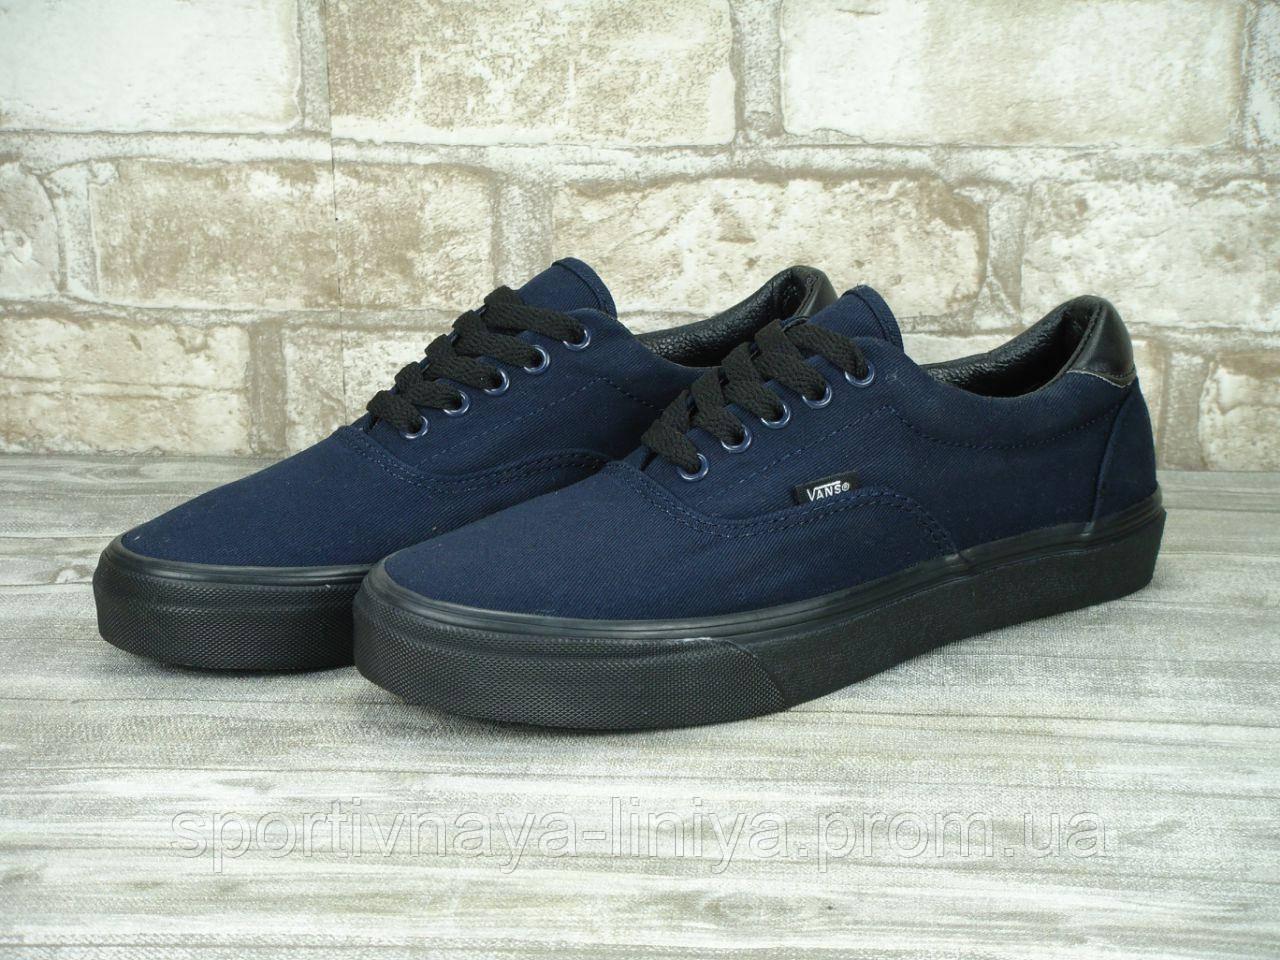 Кеды унисекс синие Vans Era (реплика) - Магазин стильной и модной одежды в  Полтаве 4ec8f46b9c7